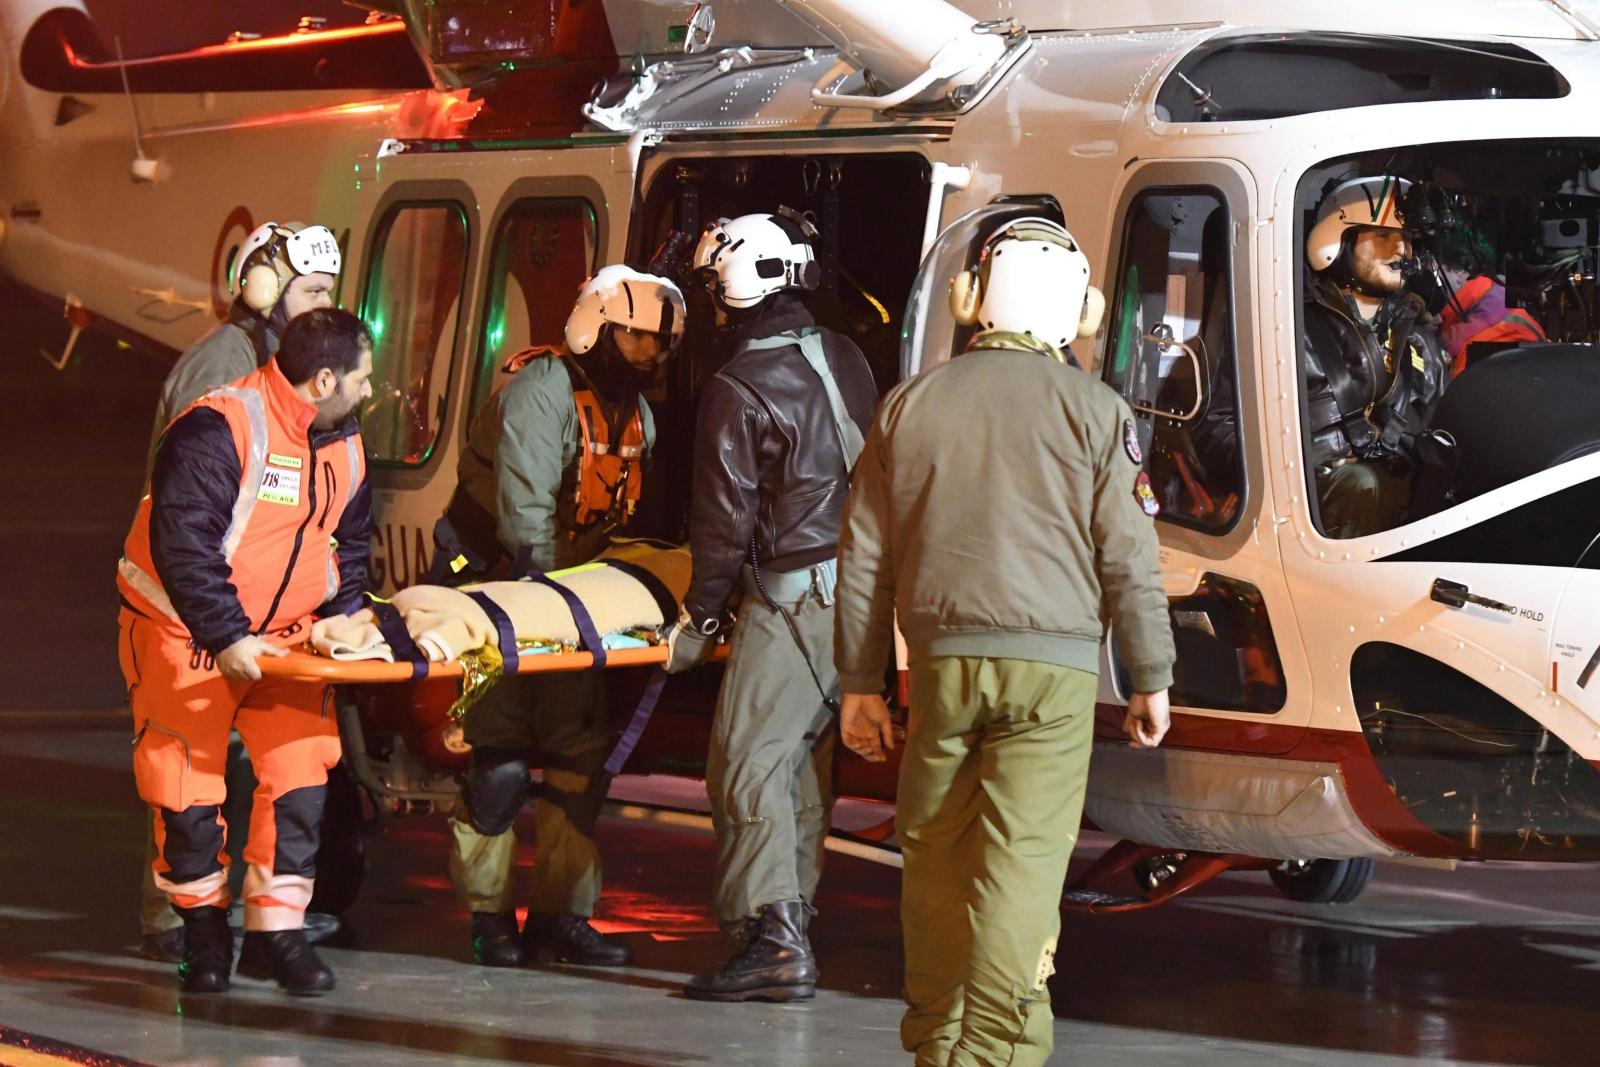 Włochy: z ruin hotelu zasypanego lawiną wydobyto kolejne trzy żywe osoby. Fot. PAP/EPA/CLAUDIO LATTANZIO